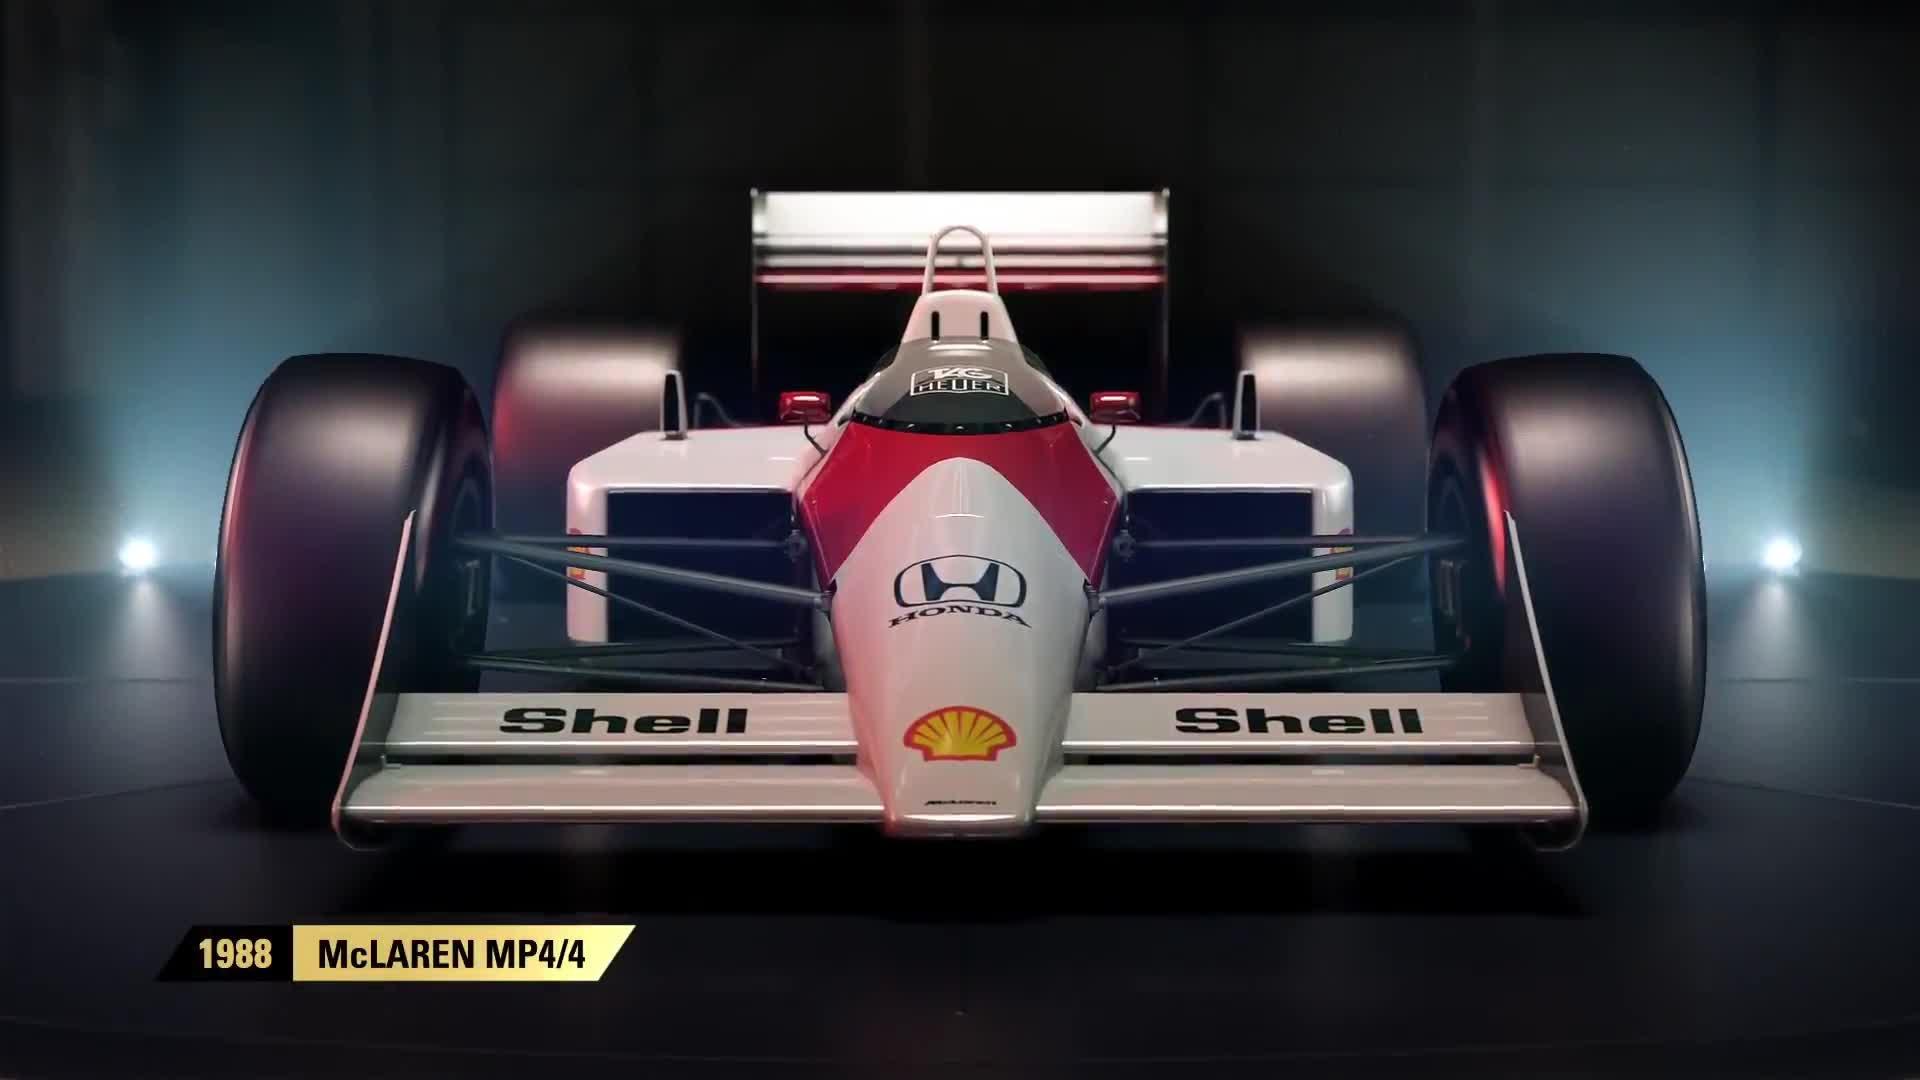 F1 2017 - Classic Cars Reveal: McLaren